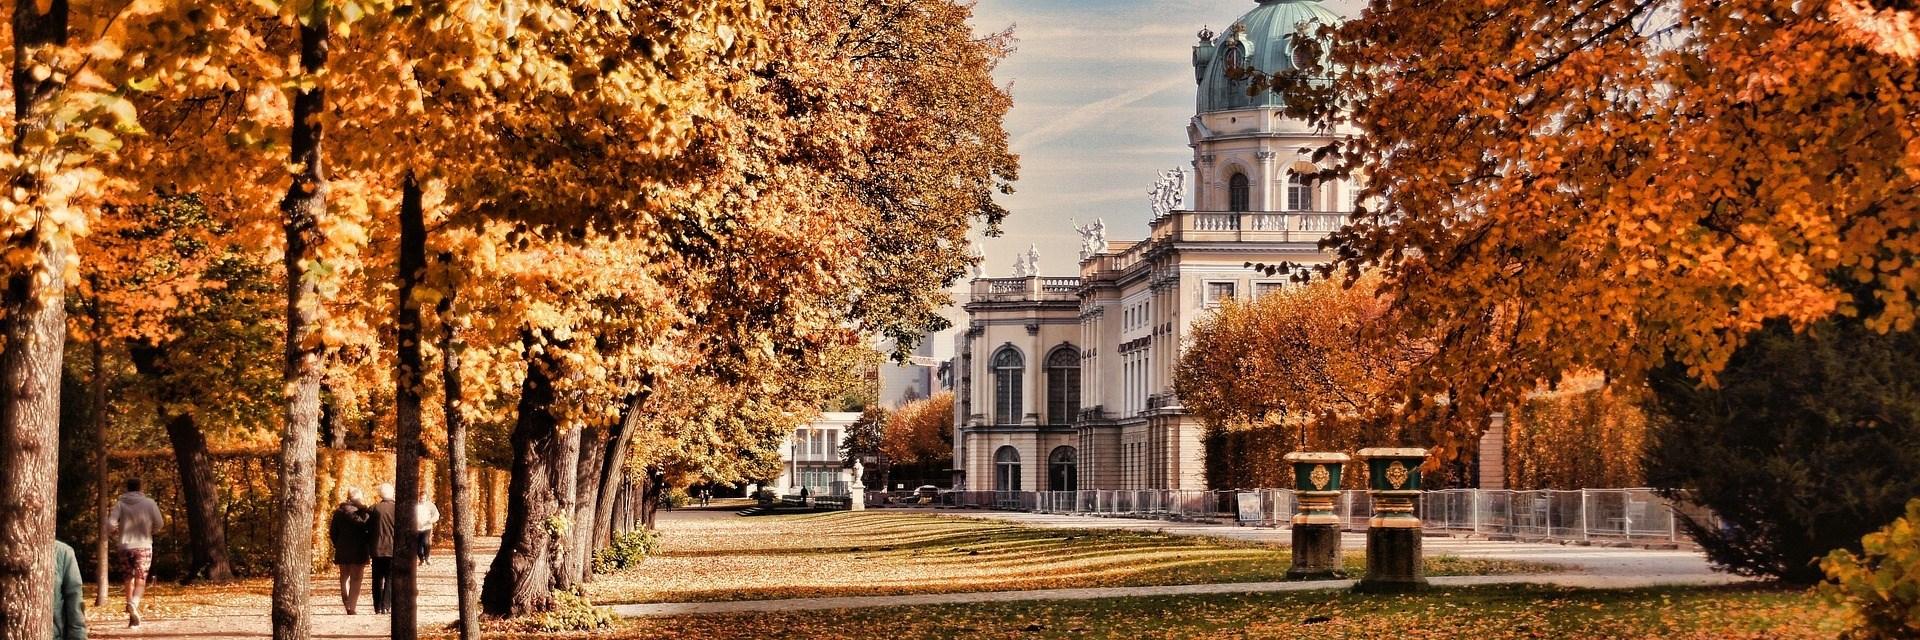 Золотая пятерка – лучшие города Европы для осеннего уикенда